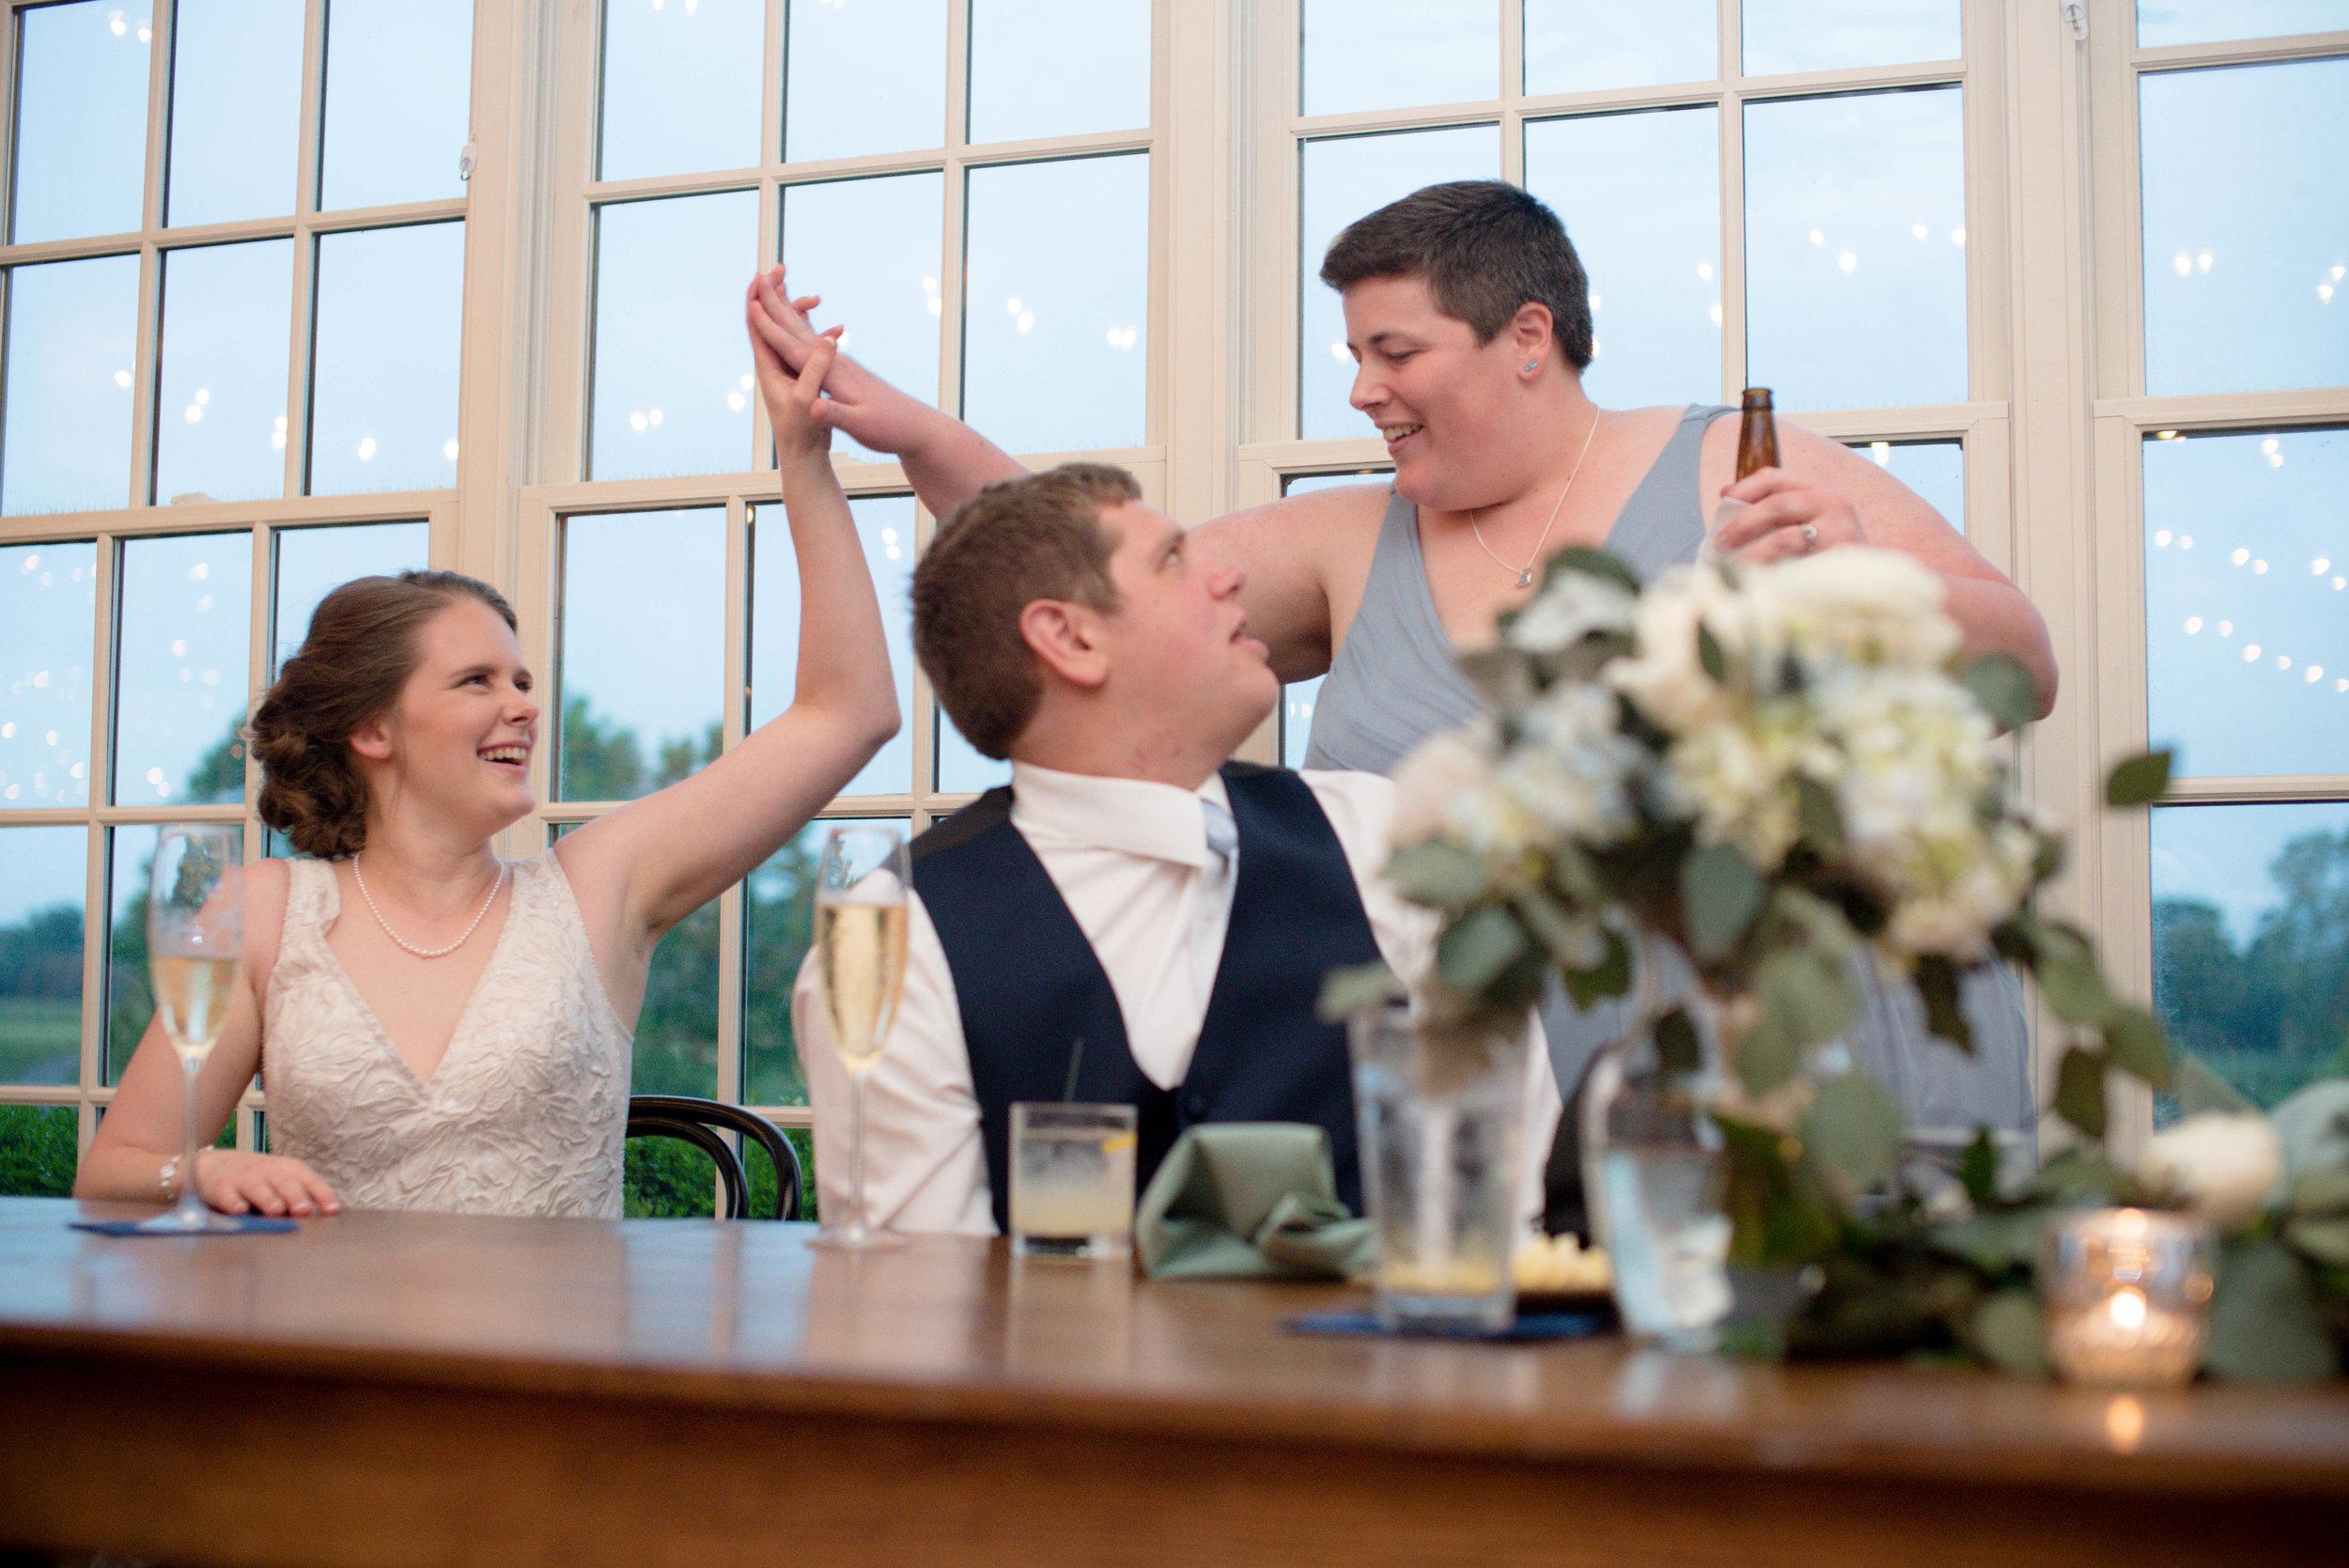 blue-ridge-wedding-ashley-nicole-photography-restoration-hall-crozetphotography-restorationhall-charlottesville-wedding_reception-39.jpg